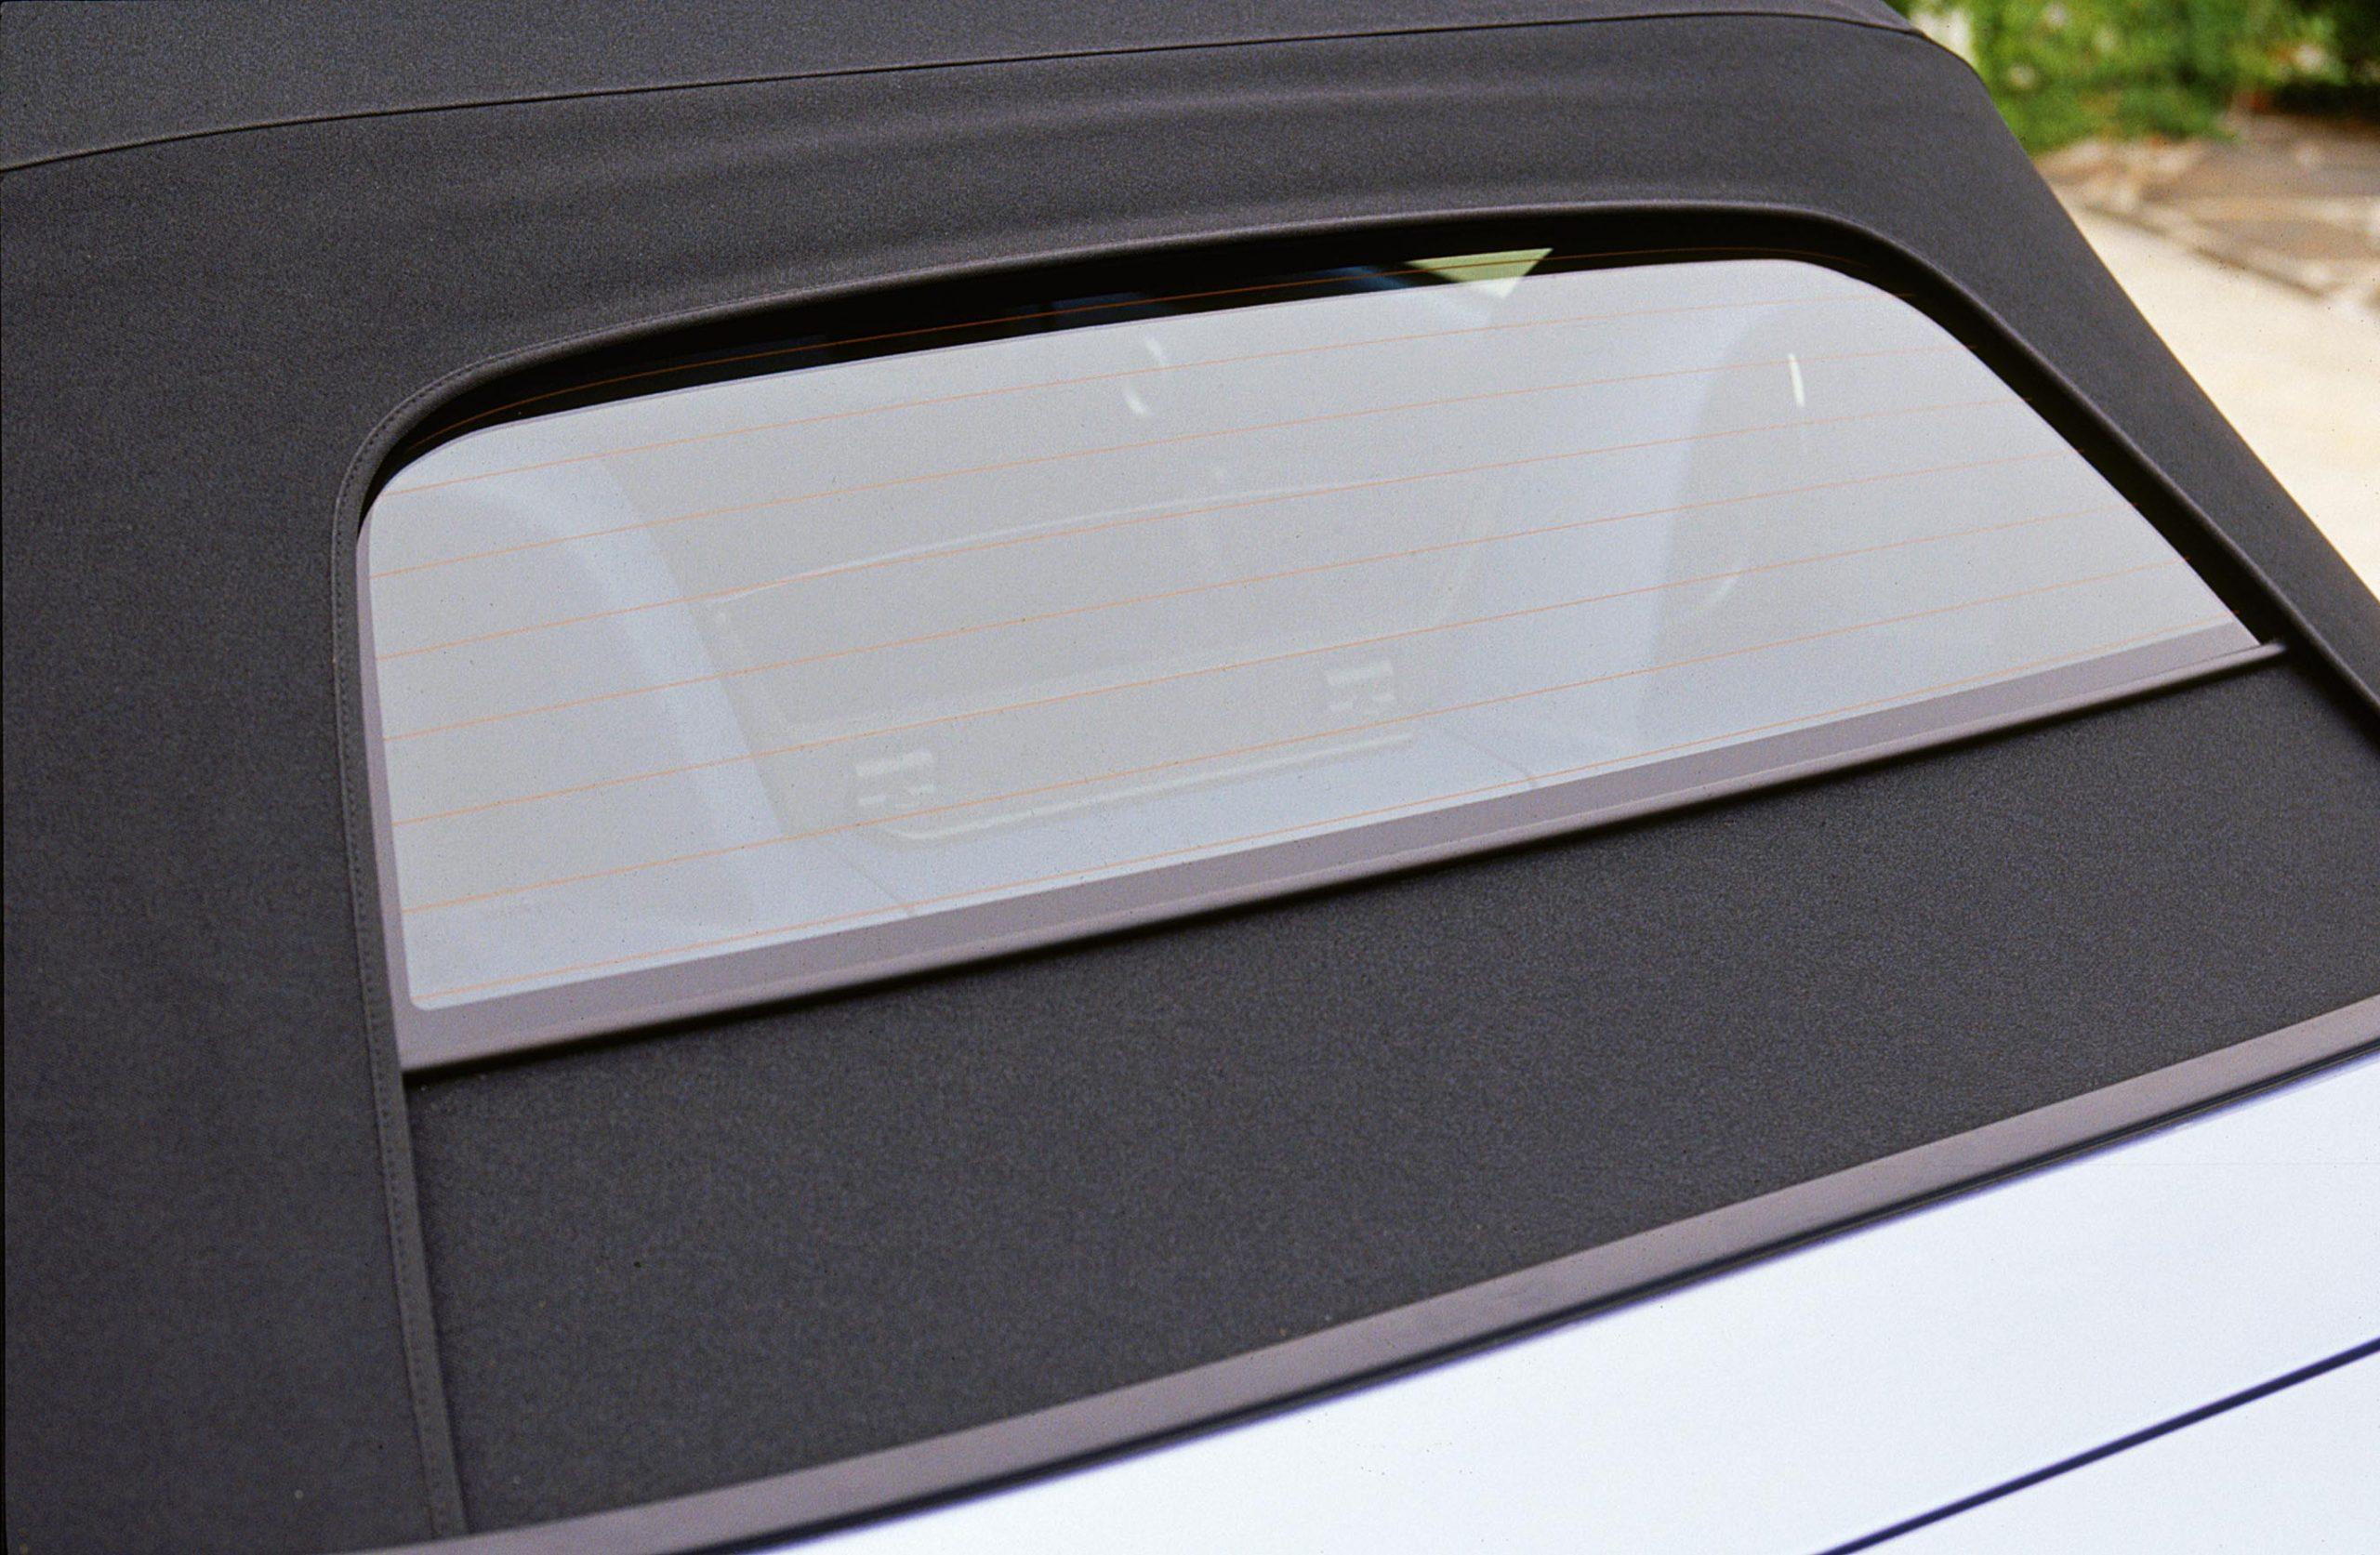 2002 Honda S2000 rear glass window